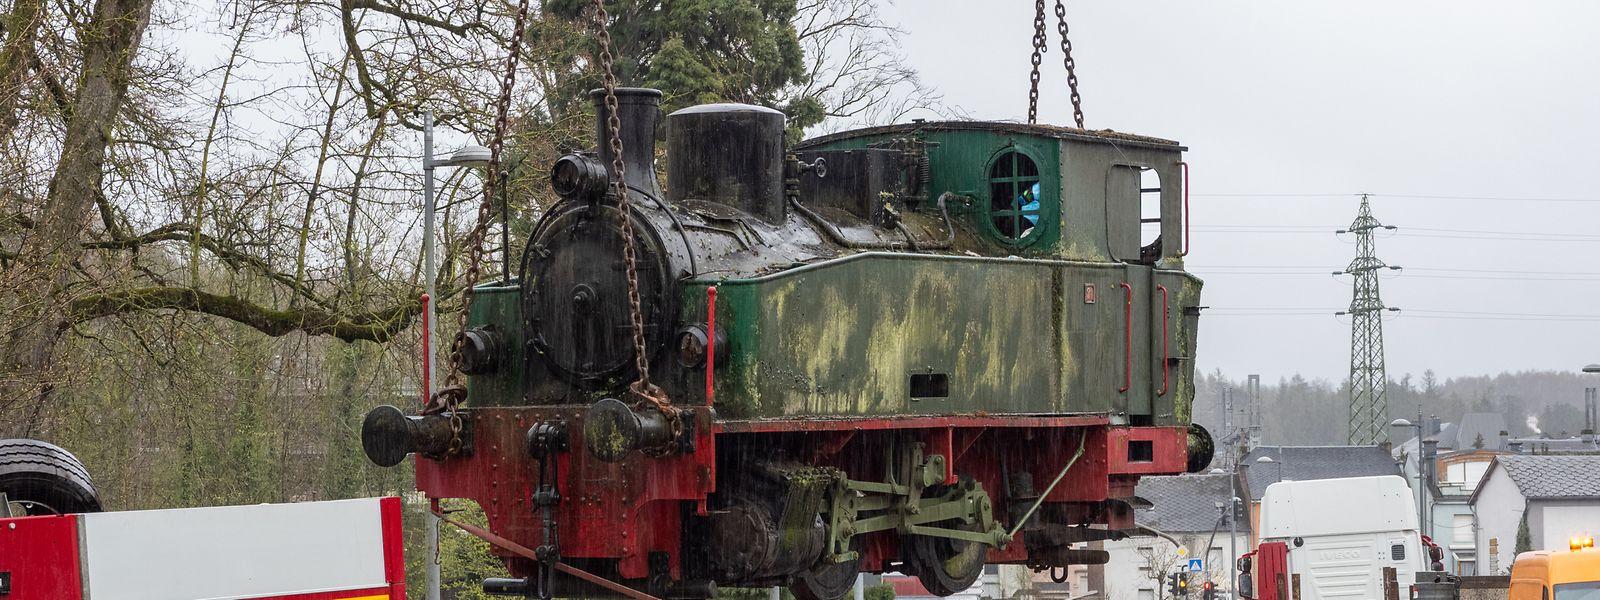 Die Dampflokomotive Hanomag wurde am Samstag per Spezialtransport nach Esch-Belval gebracht.